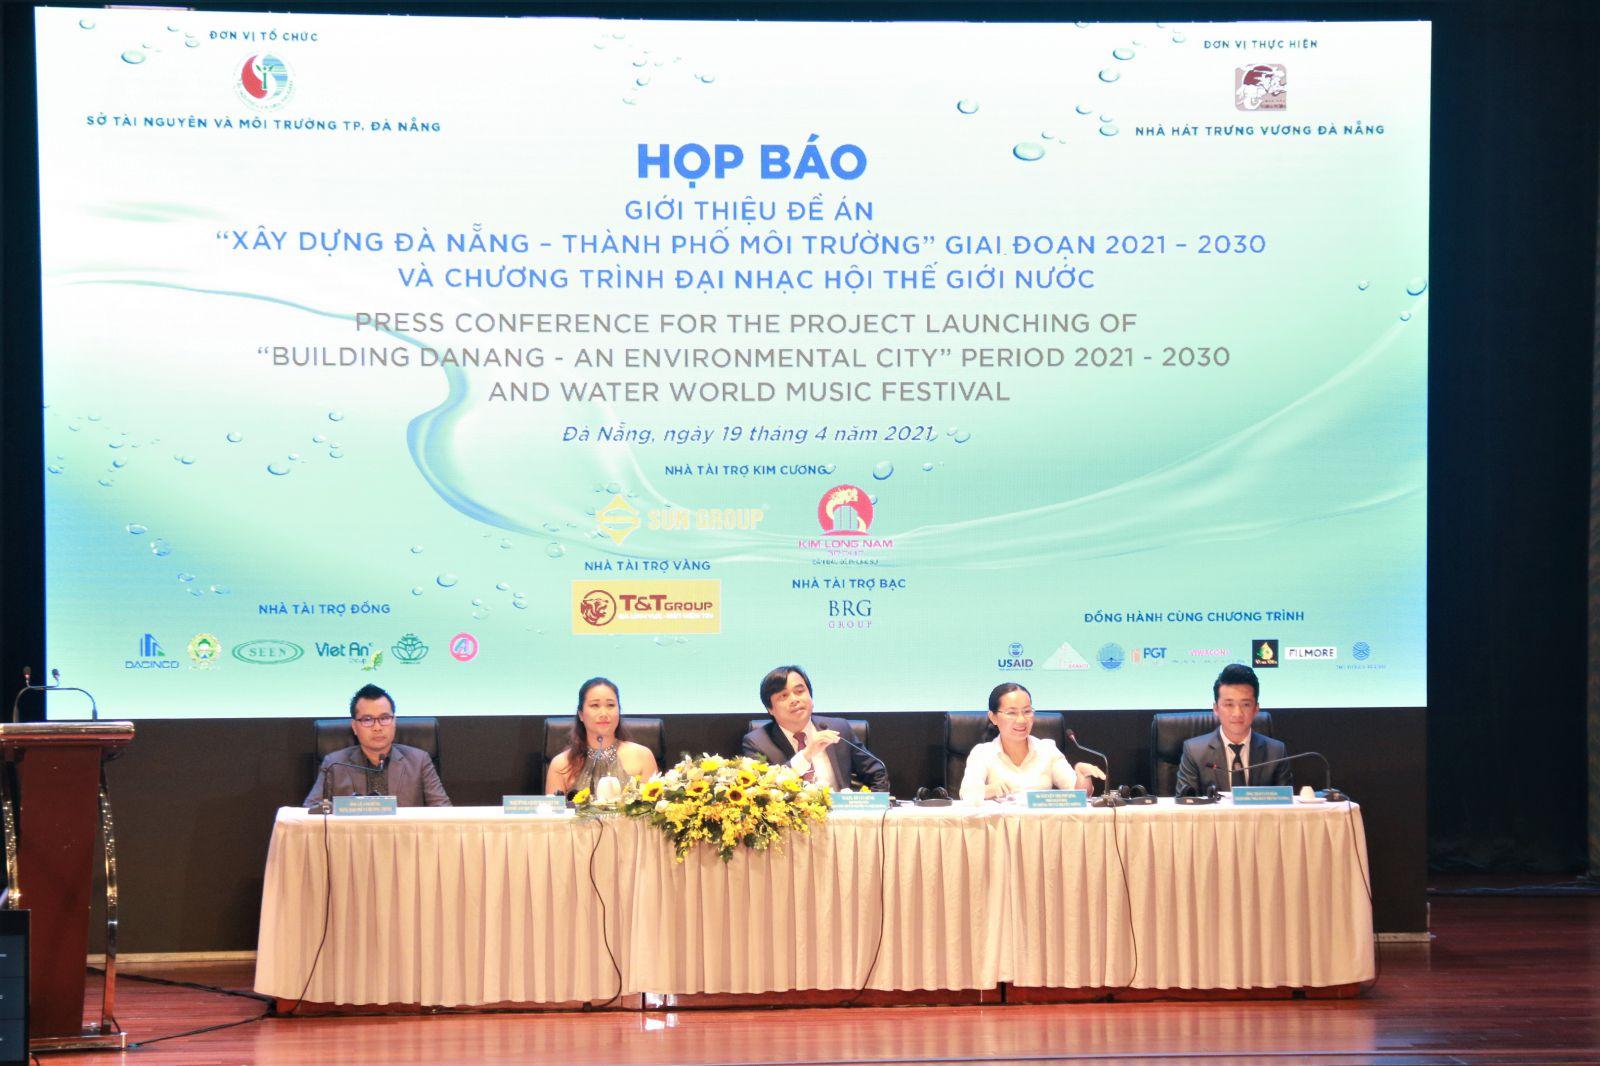 Ông Tô Văn Hùng - Giám đốc Sở Tài nguyên & Môi trường Đà Nẵng